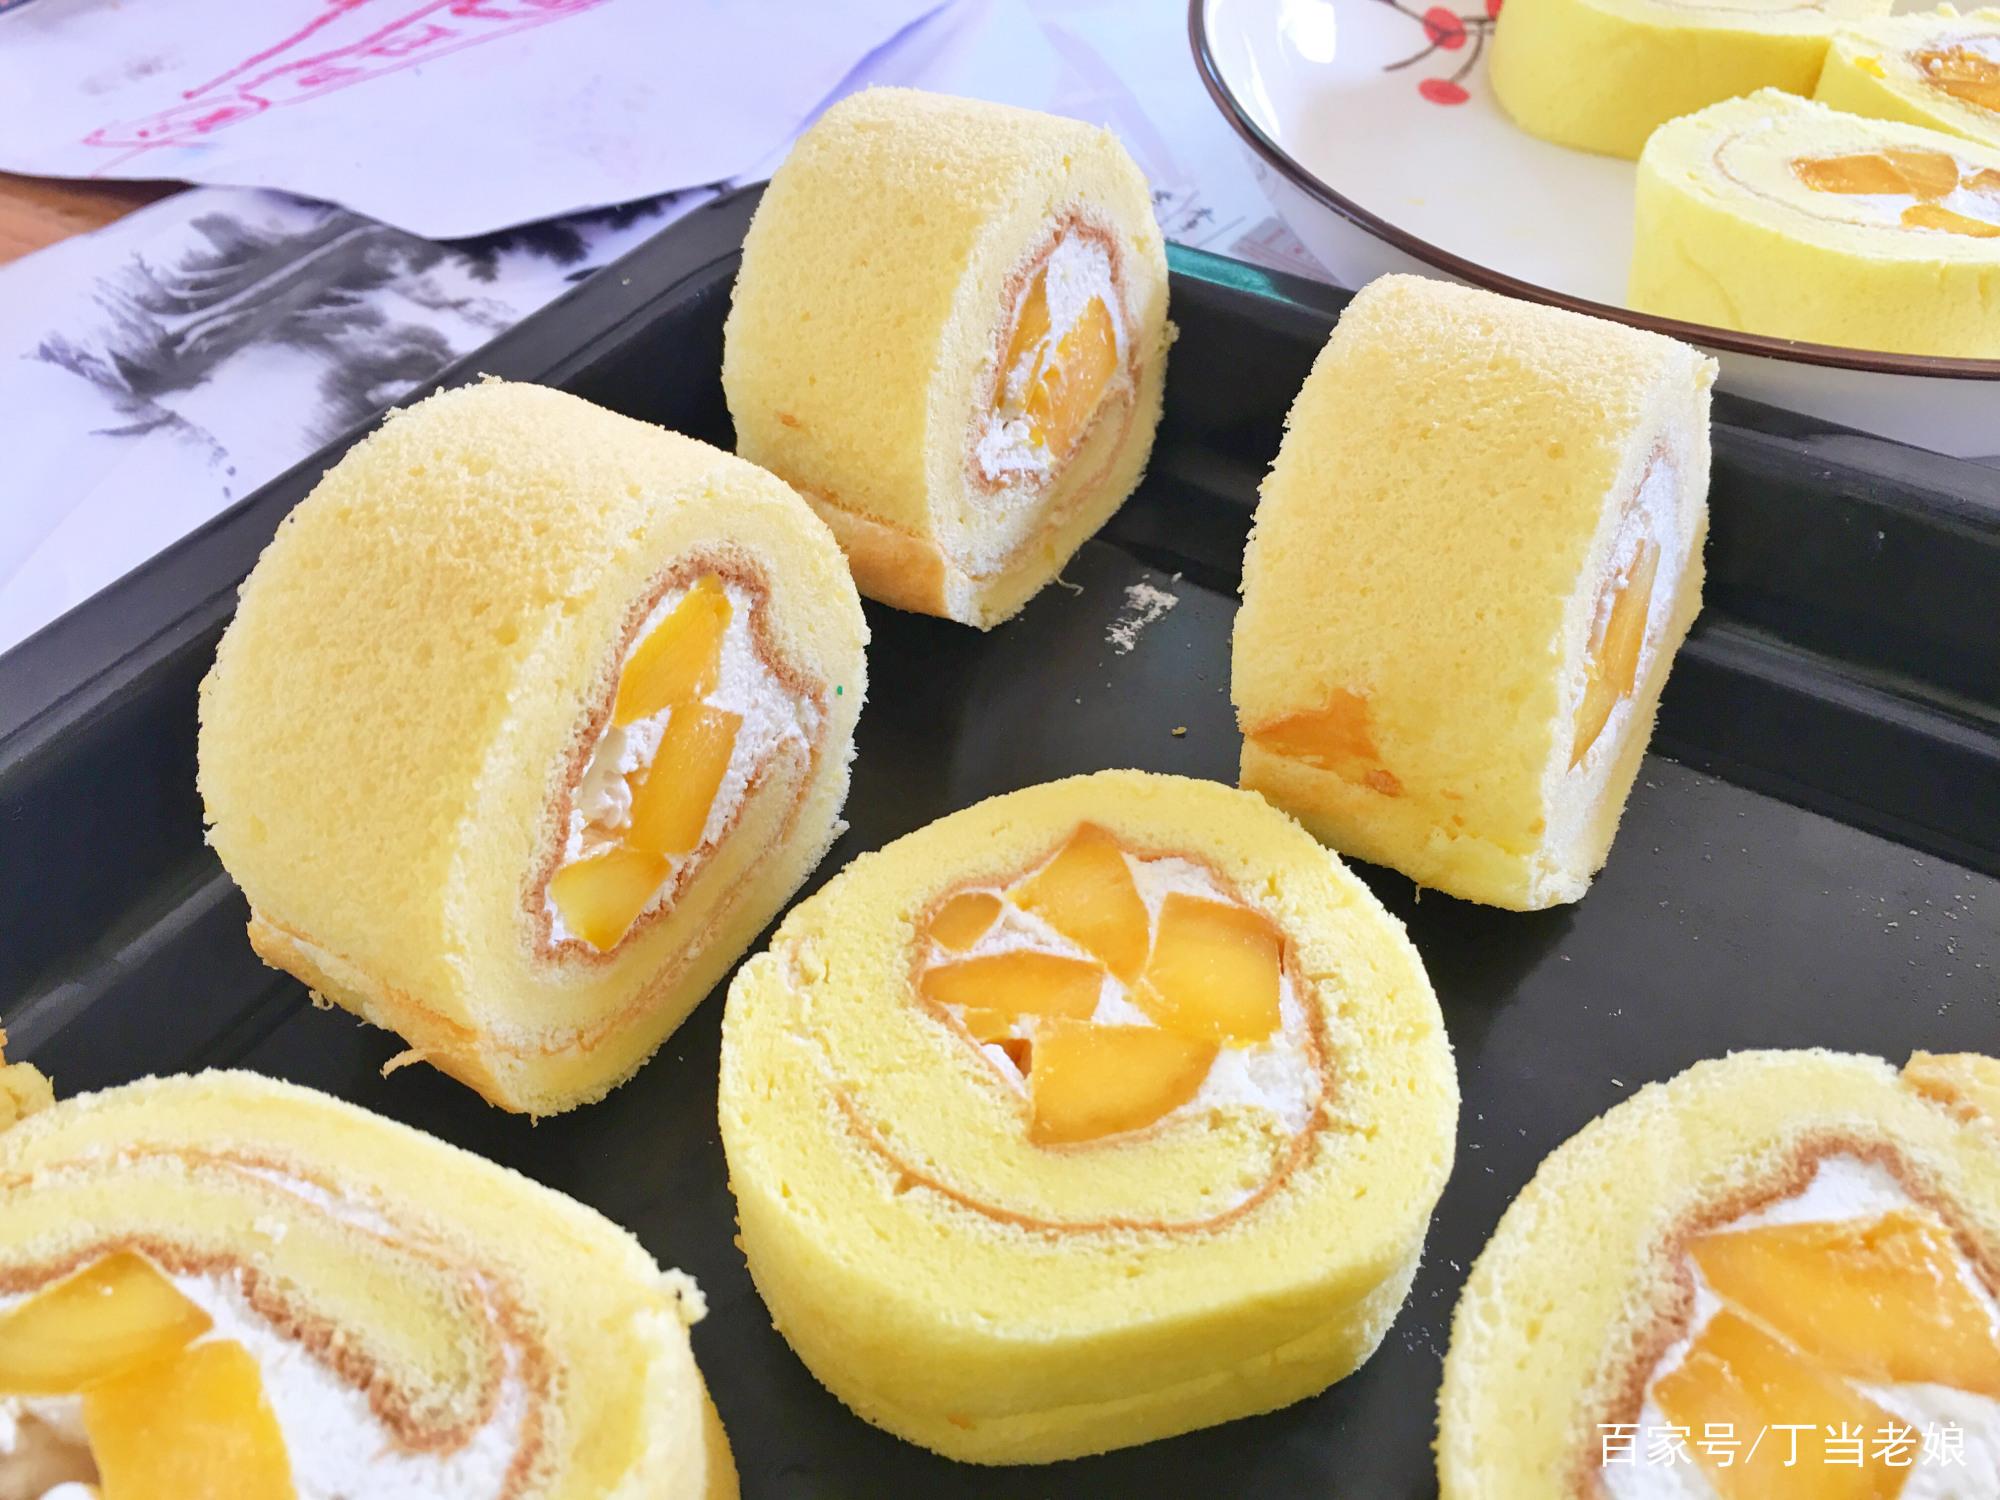 做奶油蛋糕,夹入这种水果最好吃,酸酸甜甜有食欲